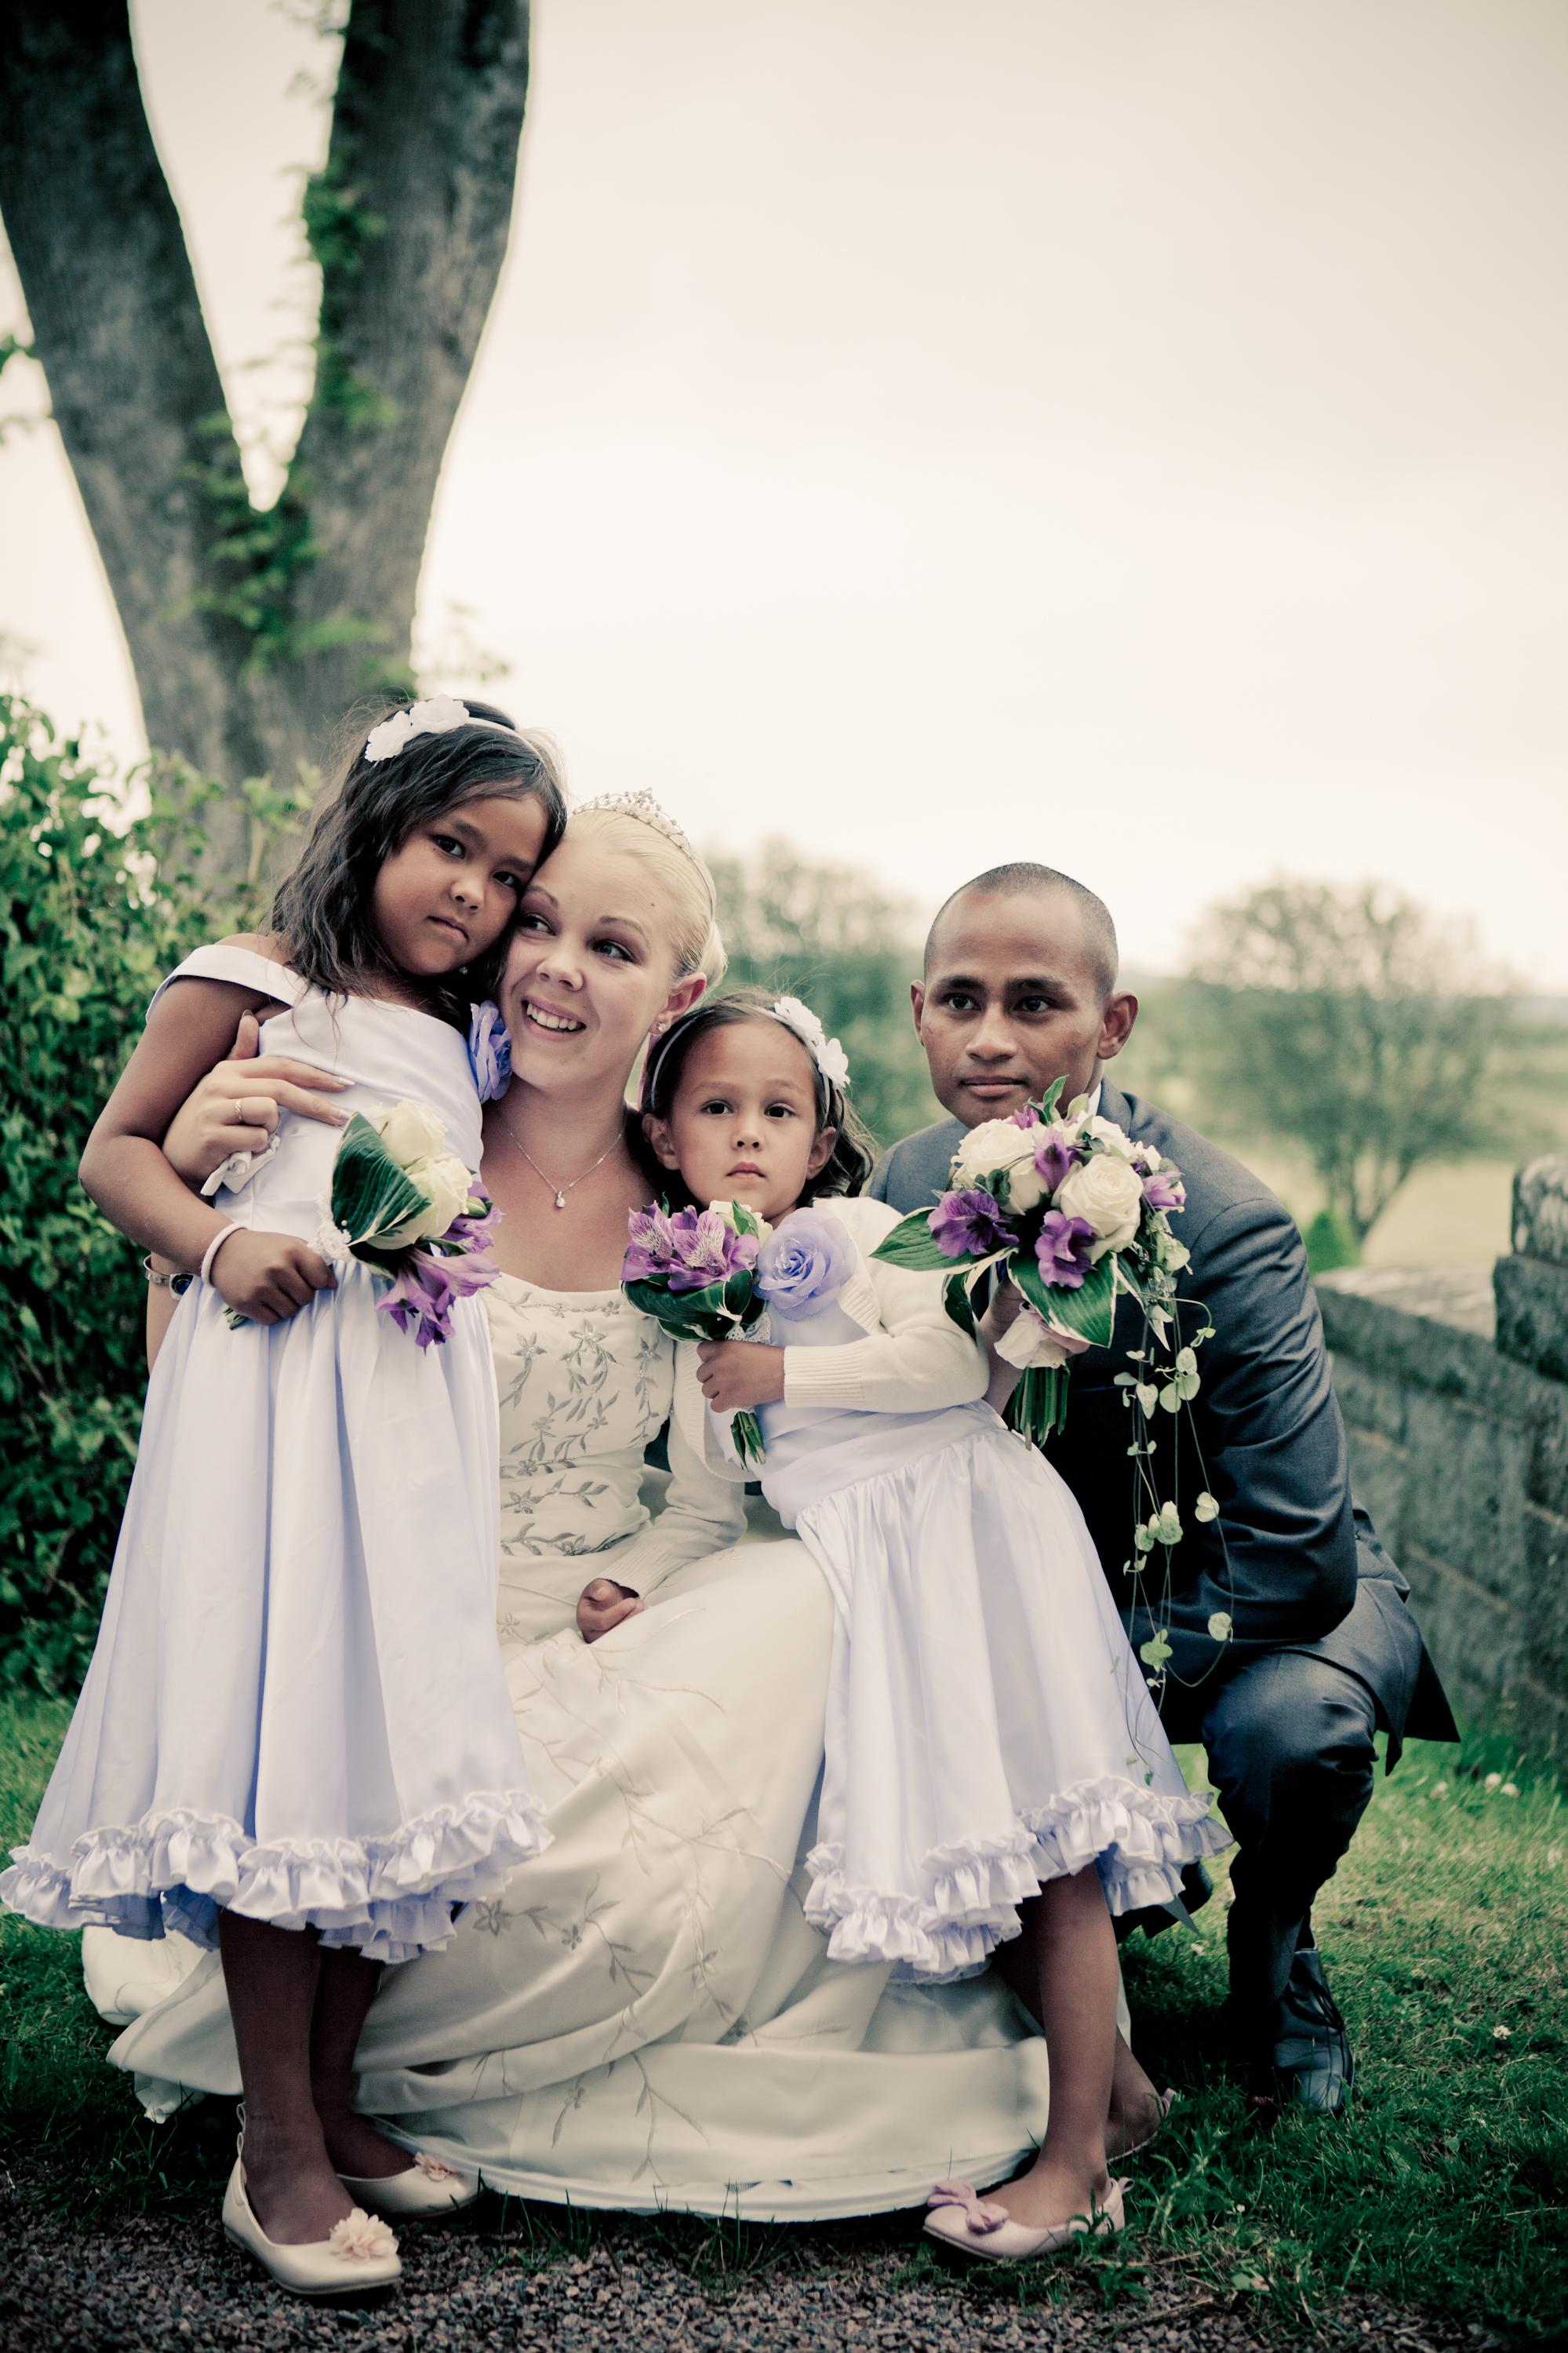 Fotograf: Kenneth Ros | Familjen